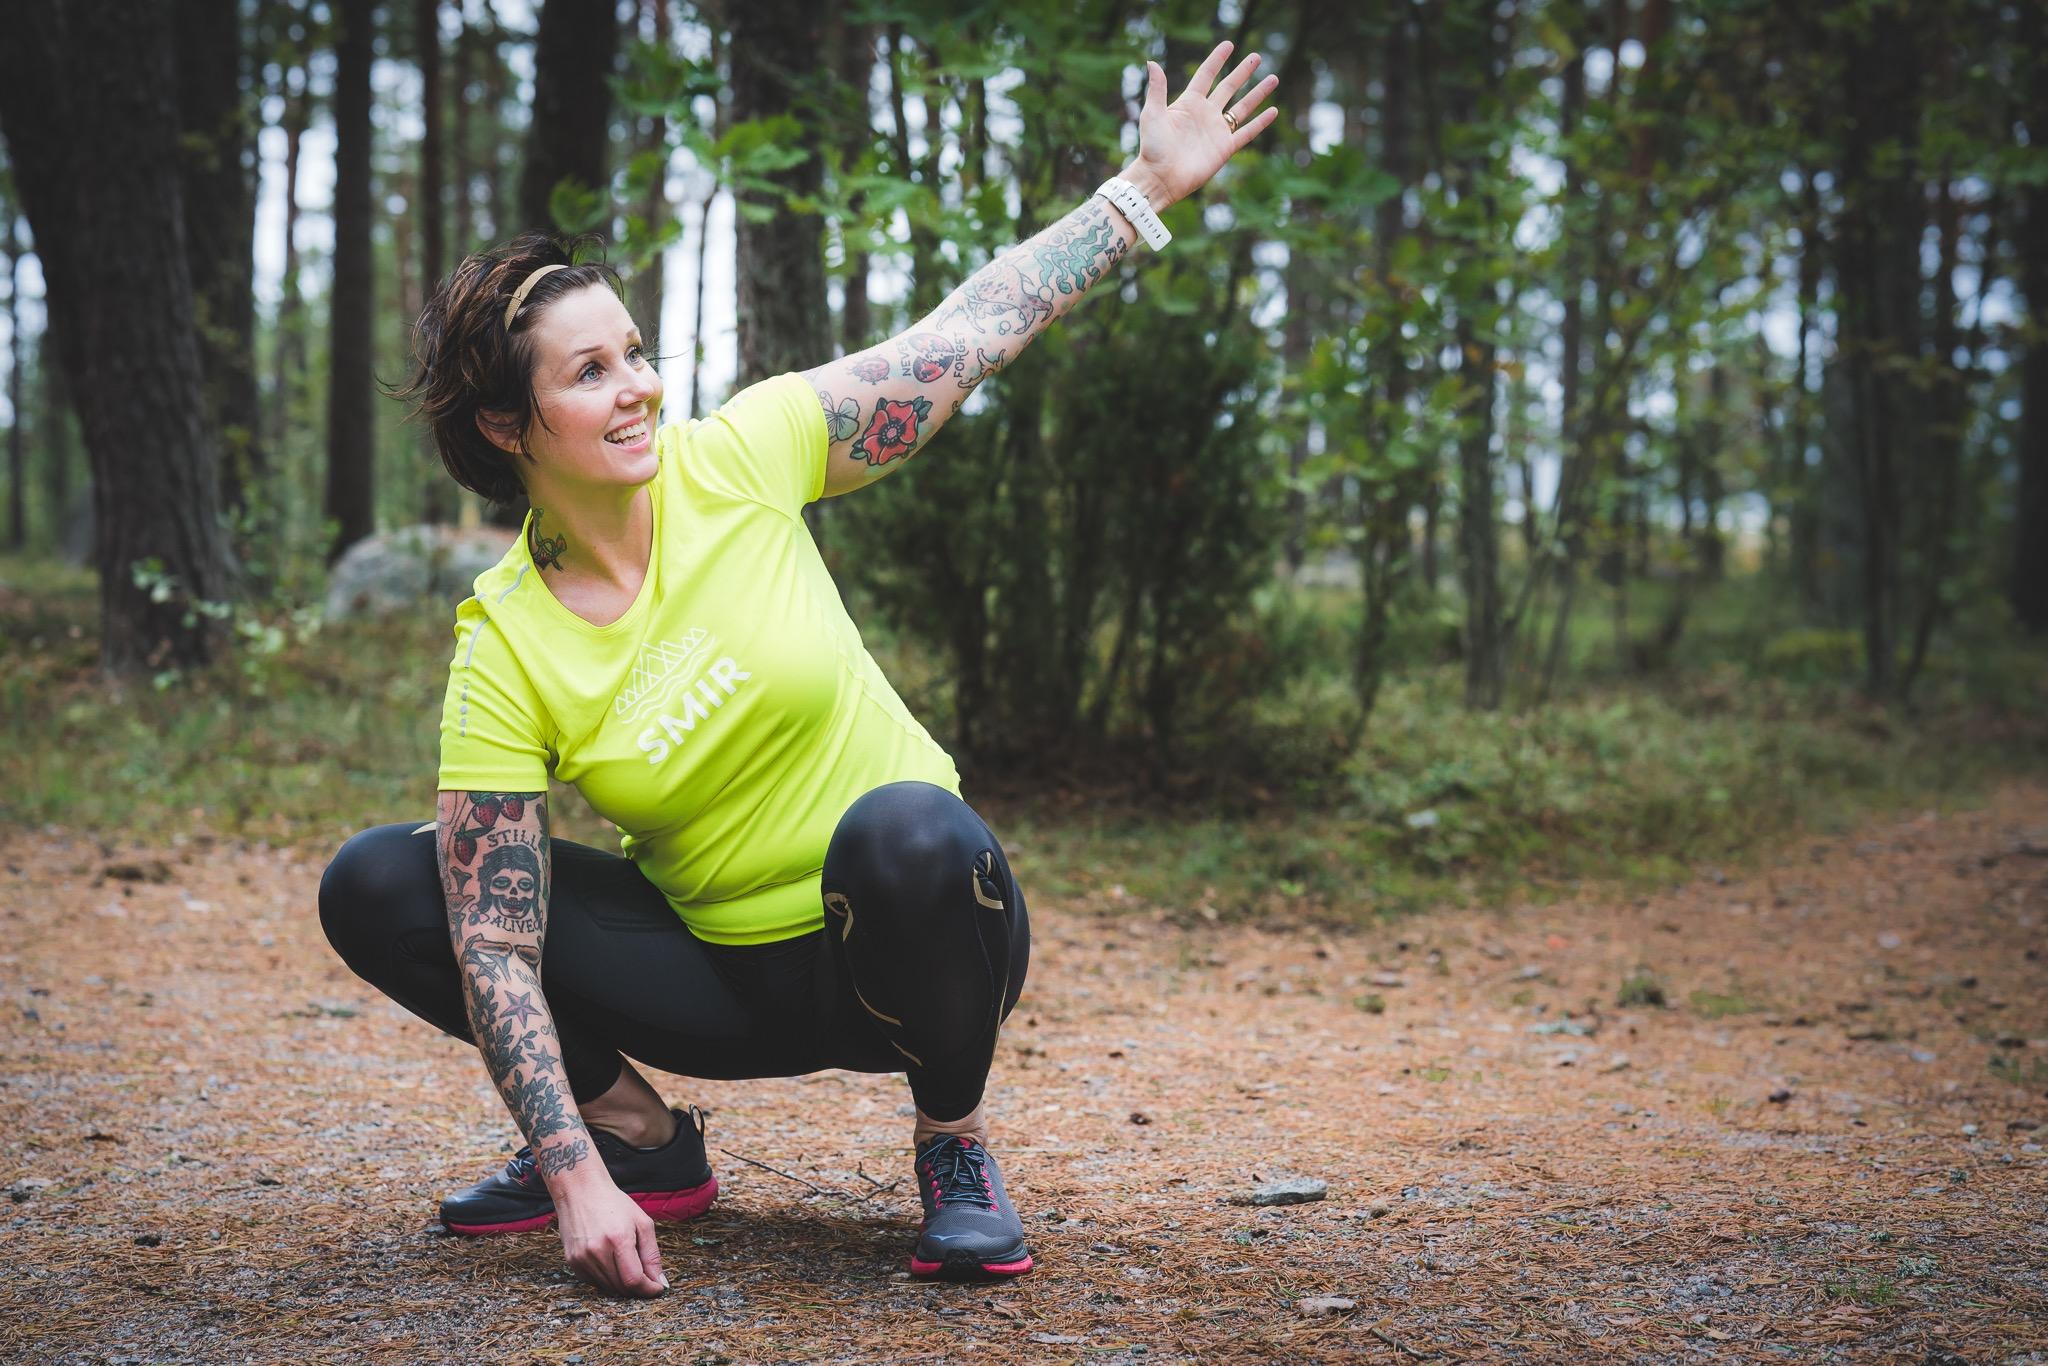 Kehonhuolto on palkinto treenistä – ei pakollinen paha